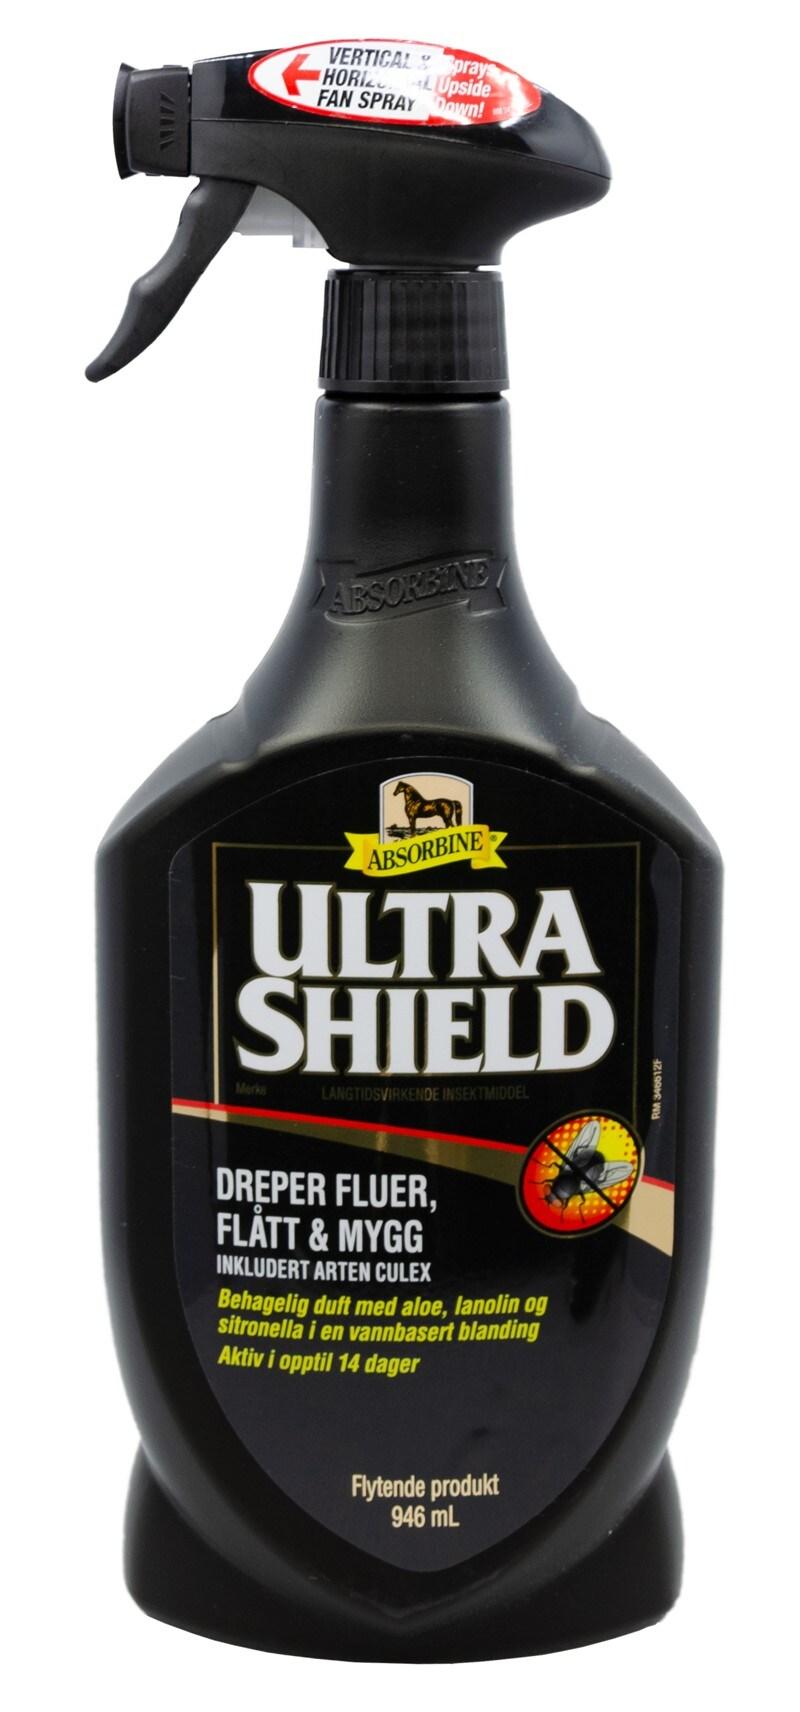 Absorbine Ultrashield 946ml